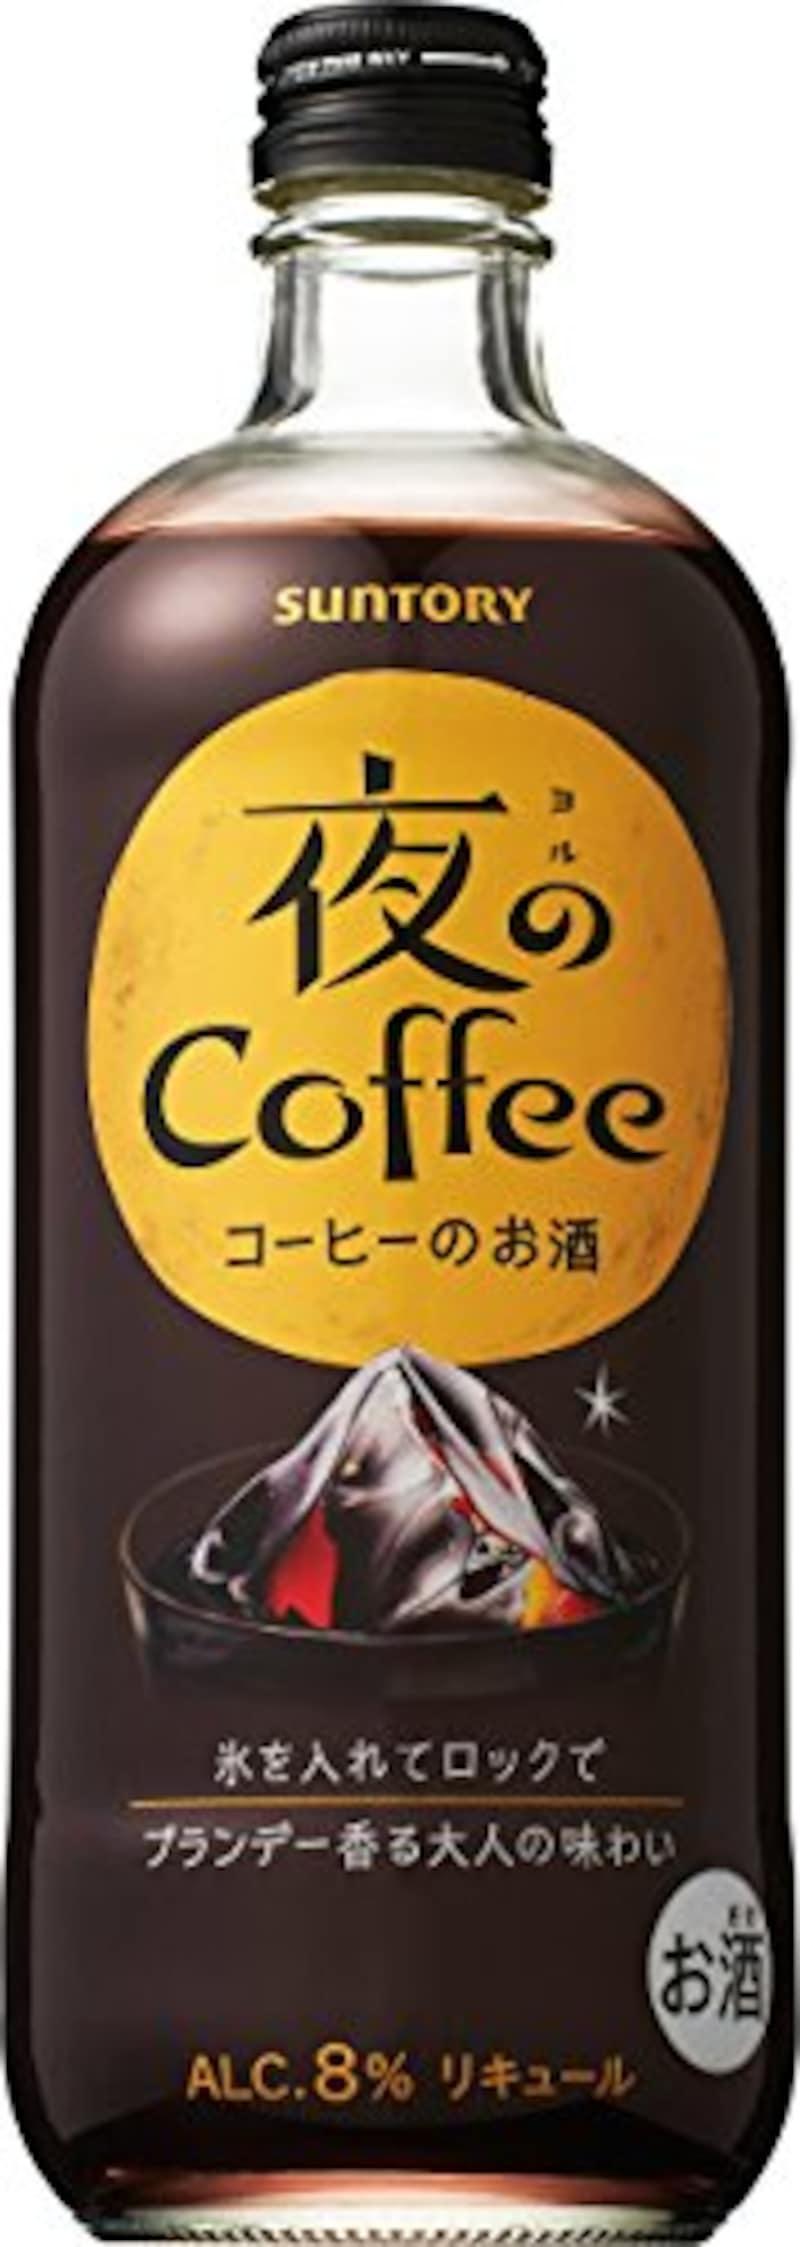 サントリー,コーヒーのお酒 夜のコーヒー